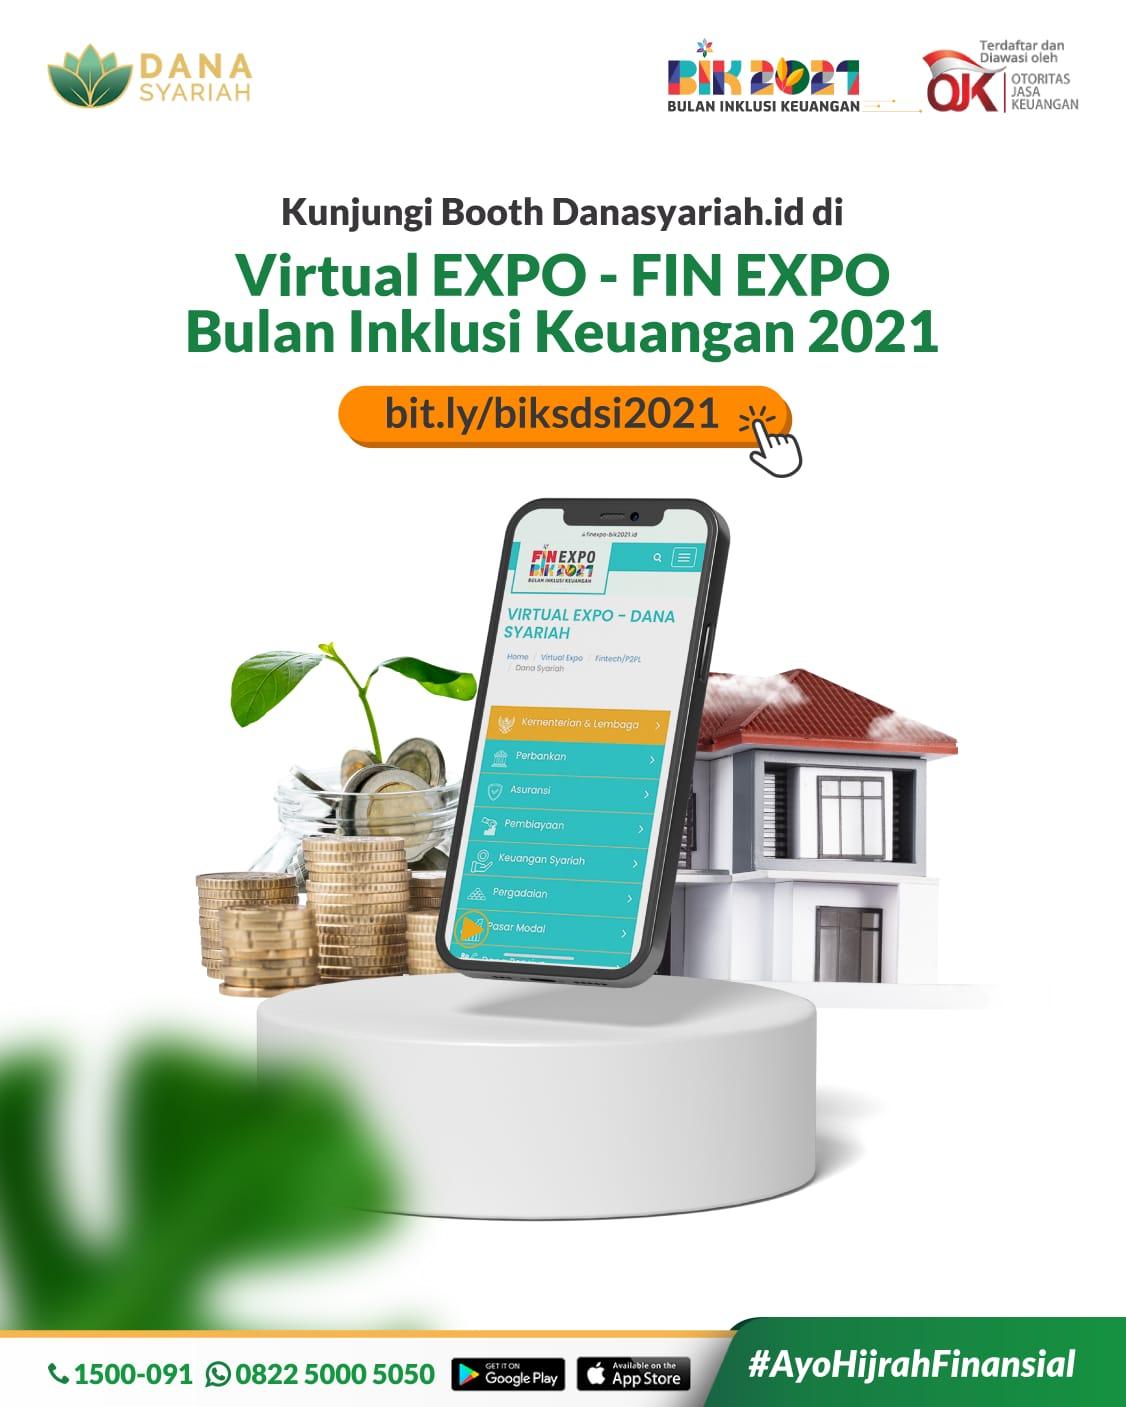 Dana Syariah Yuk Kunjungi Virtual Booth Danasyariah.id!